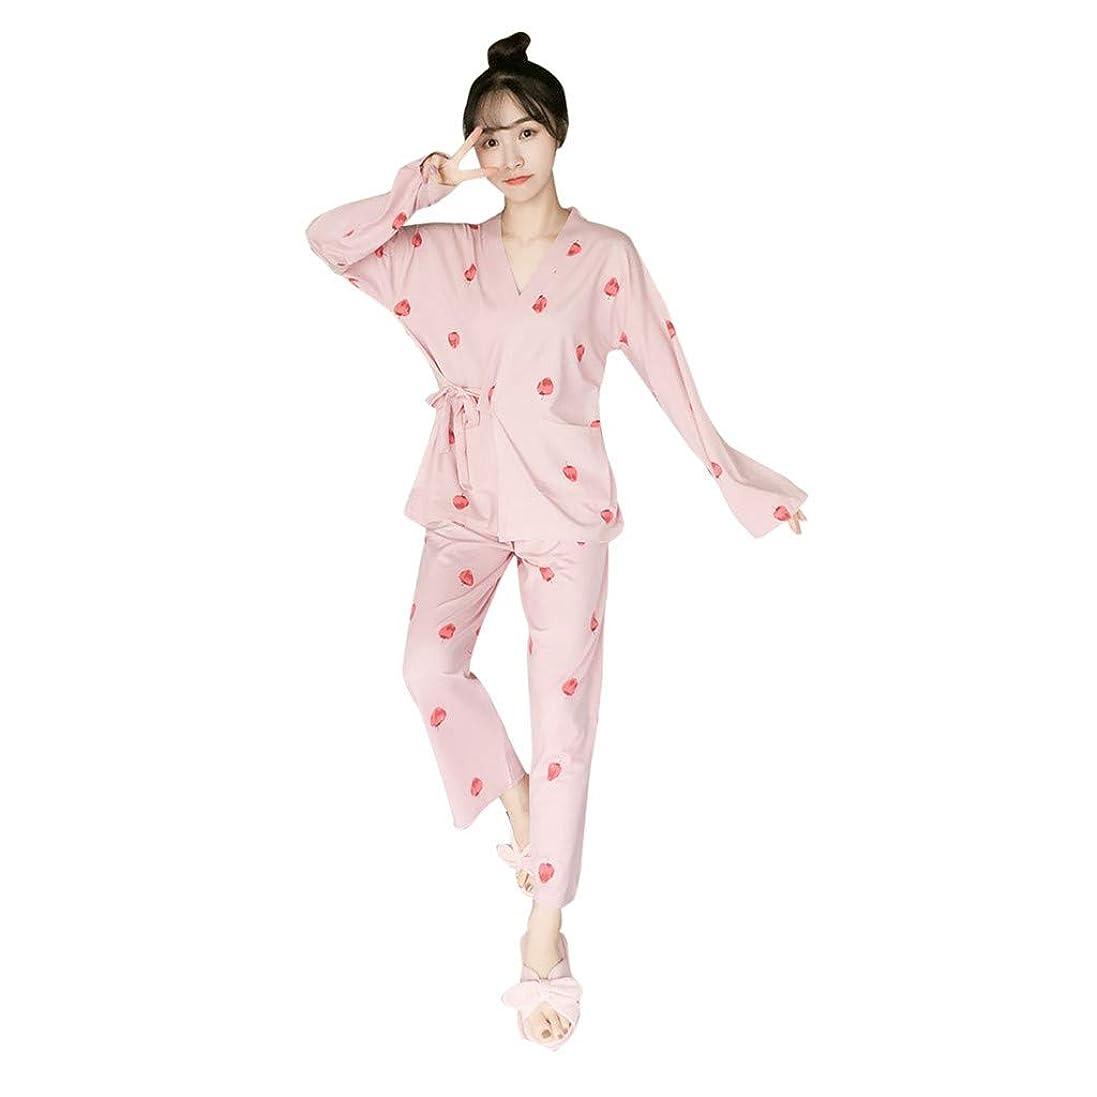 コンサルタント反乱アナログJurben女性服フルーツ着物Vネック温泉スパウェアパジャマツーピーススーツ快適で柔らかくリラックスした、スリムでセクシーな